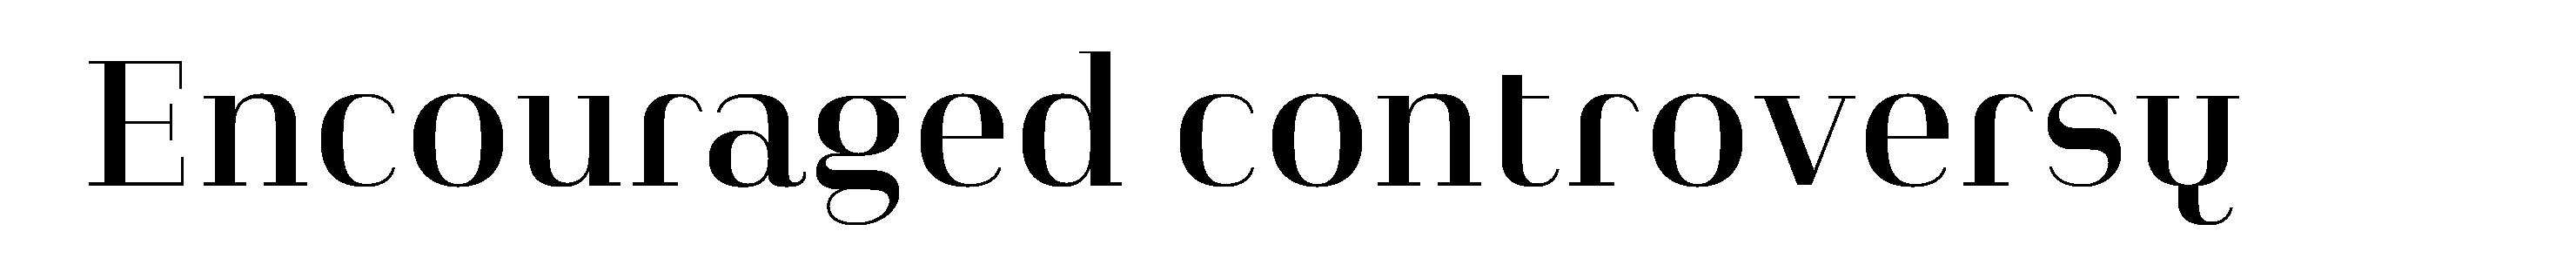 Typeface Heimat Didone D04 Atlas Font Foundry